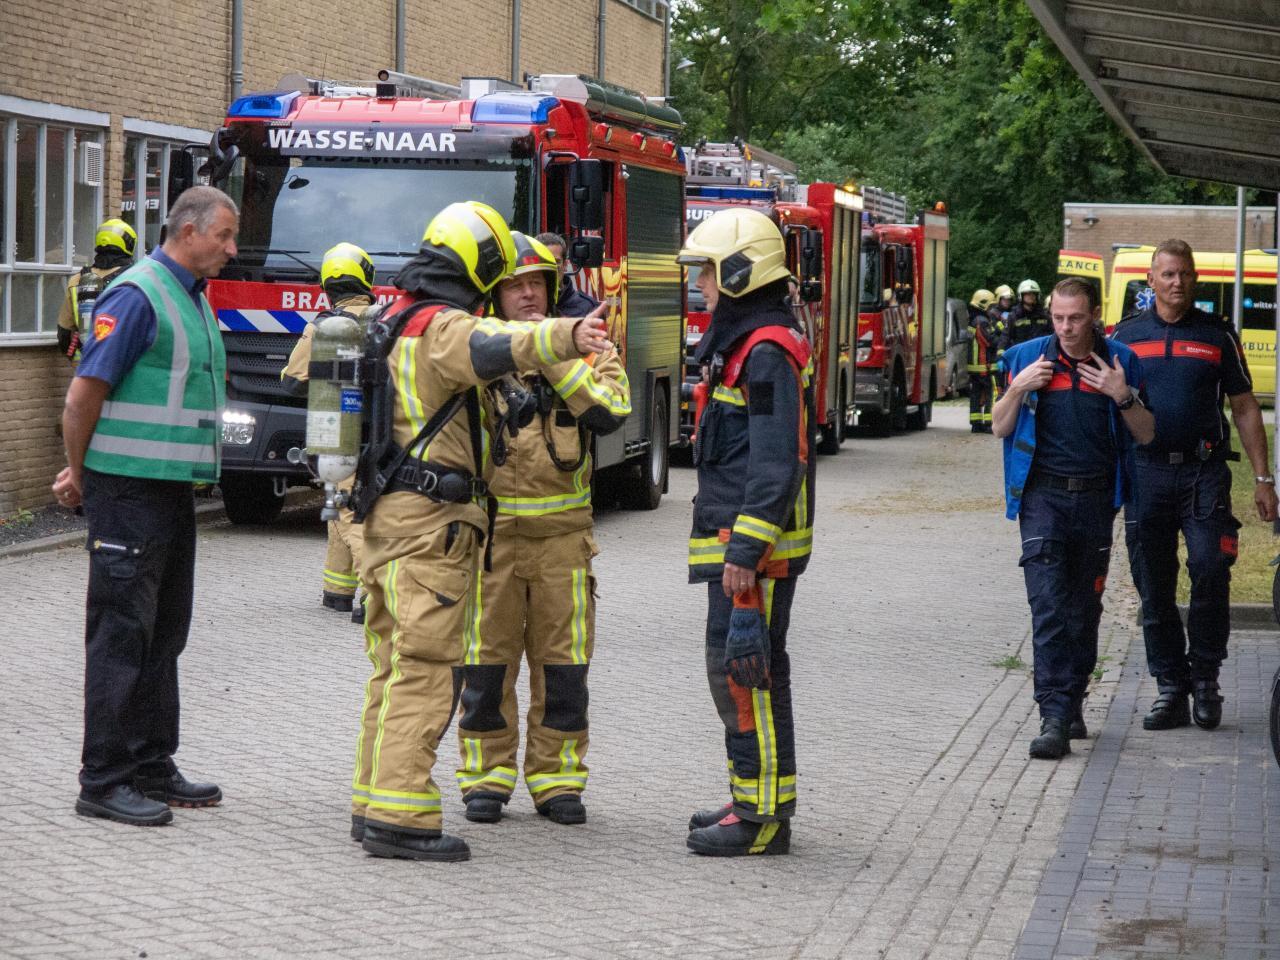 Inzet brandweermensen Veiligheidsregio Haaglanden